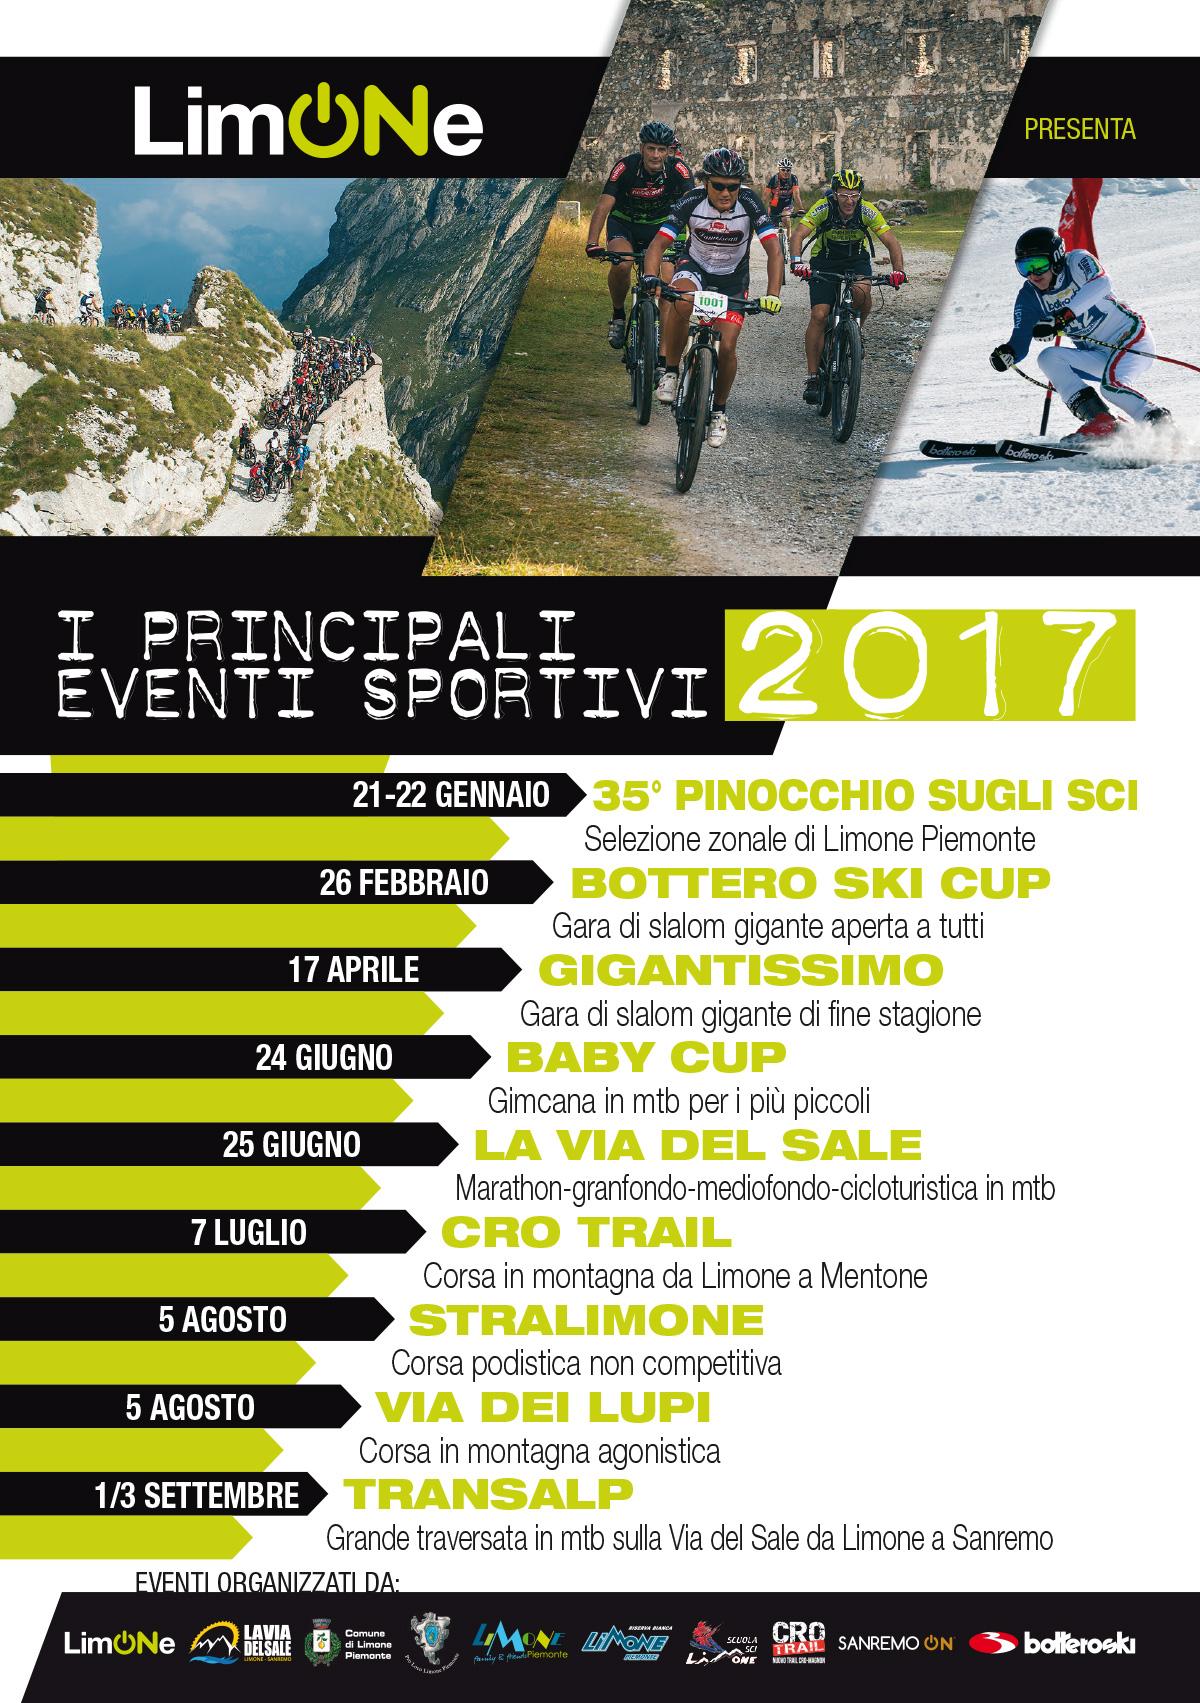 calendario eventi sportivi 2017